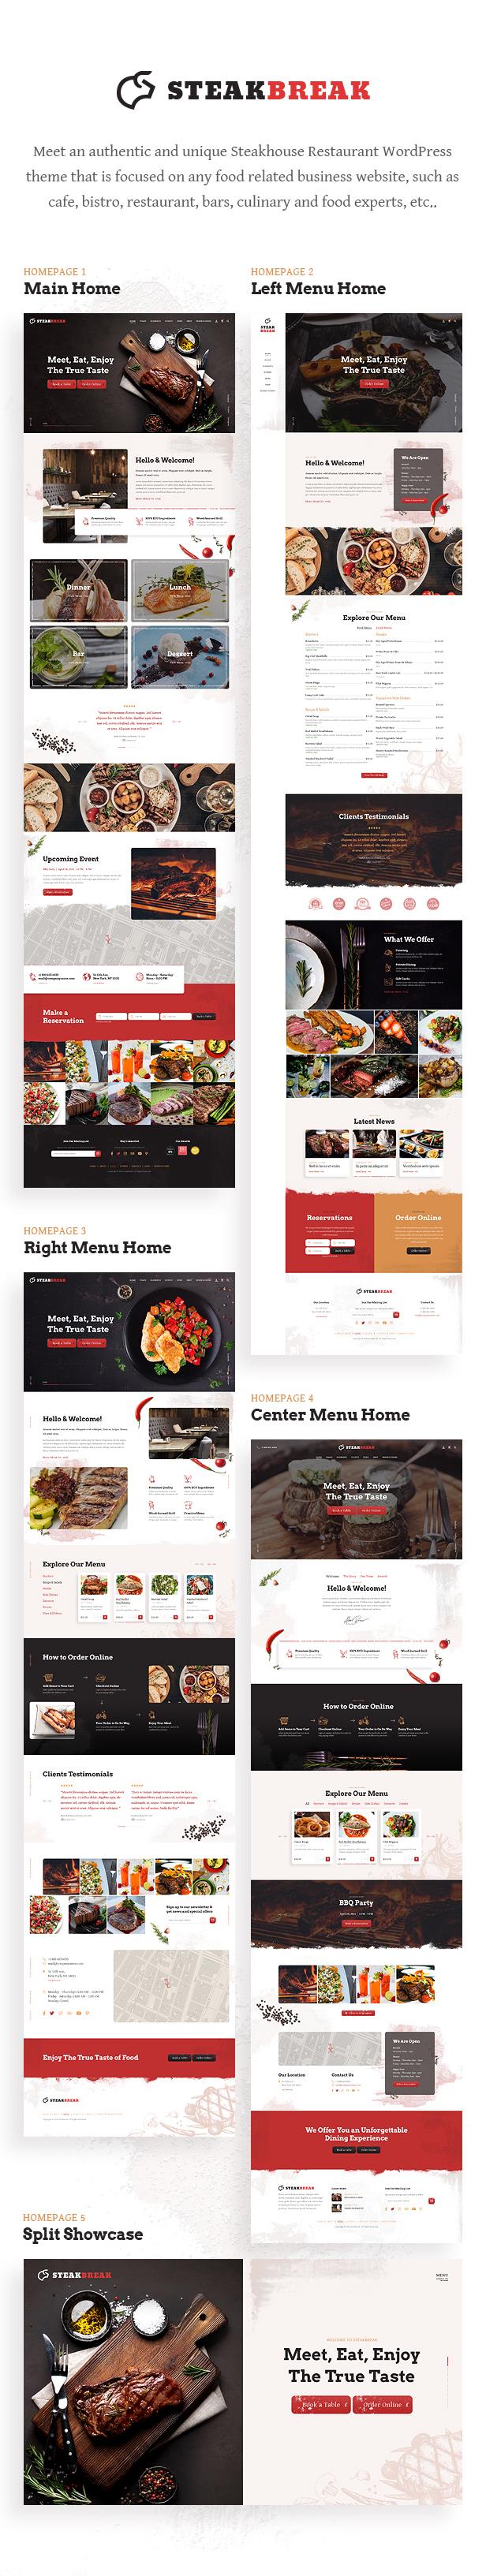 SteakBreak - Fleischrestaurant WordPress Theme - 1